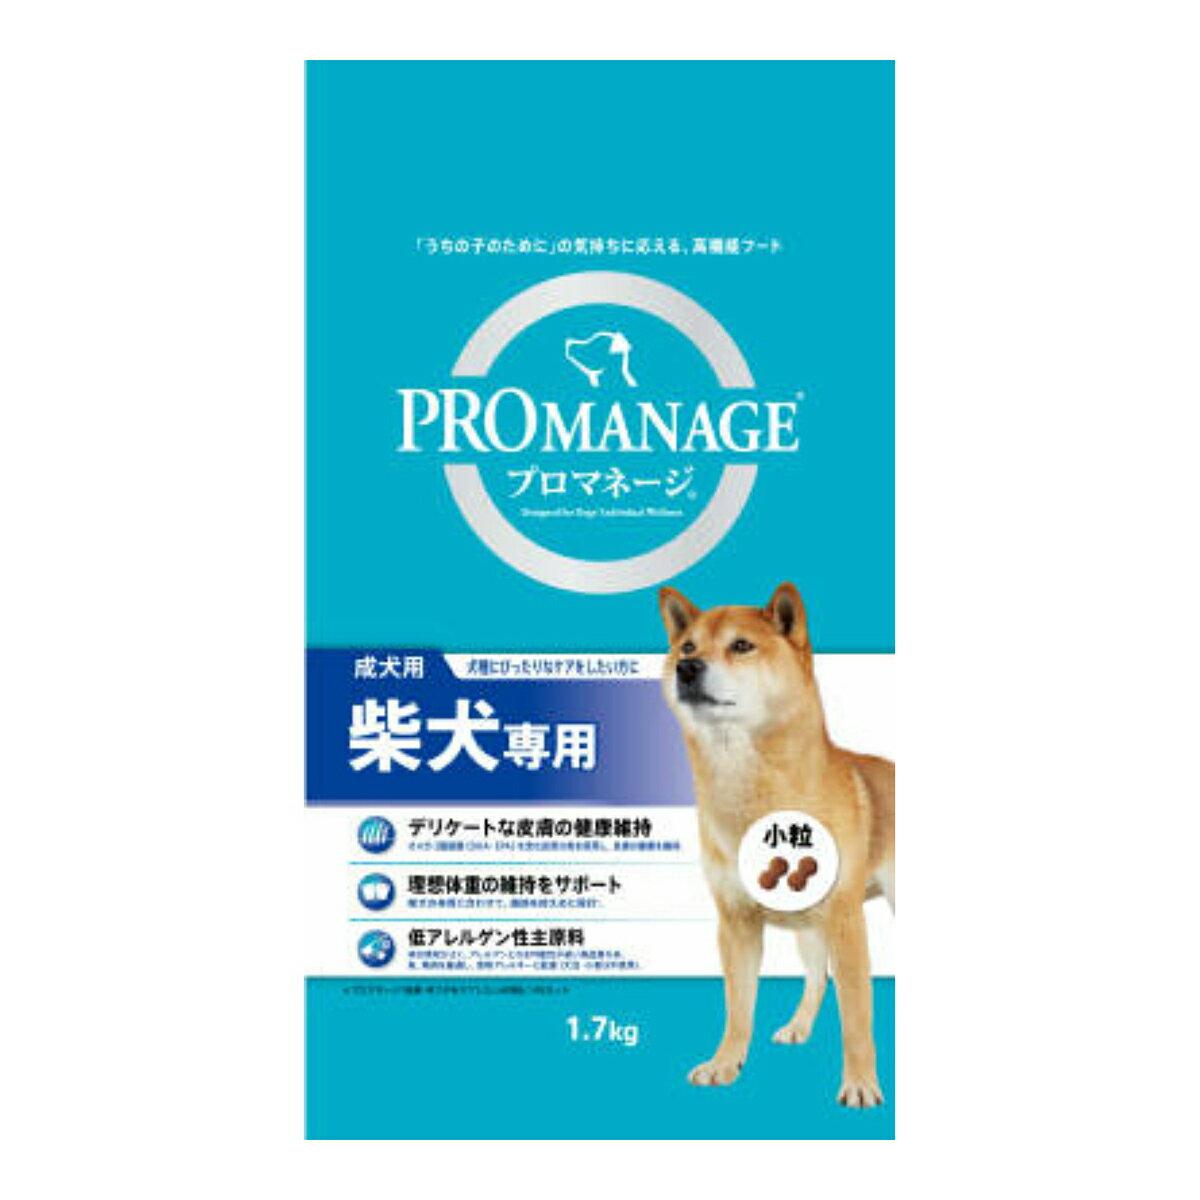 KPM43 プロマネージ 成犬用 柴犬専用 1.7KG (4902397837121)